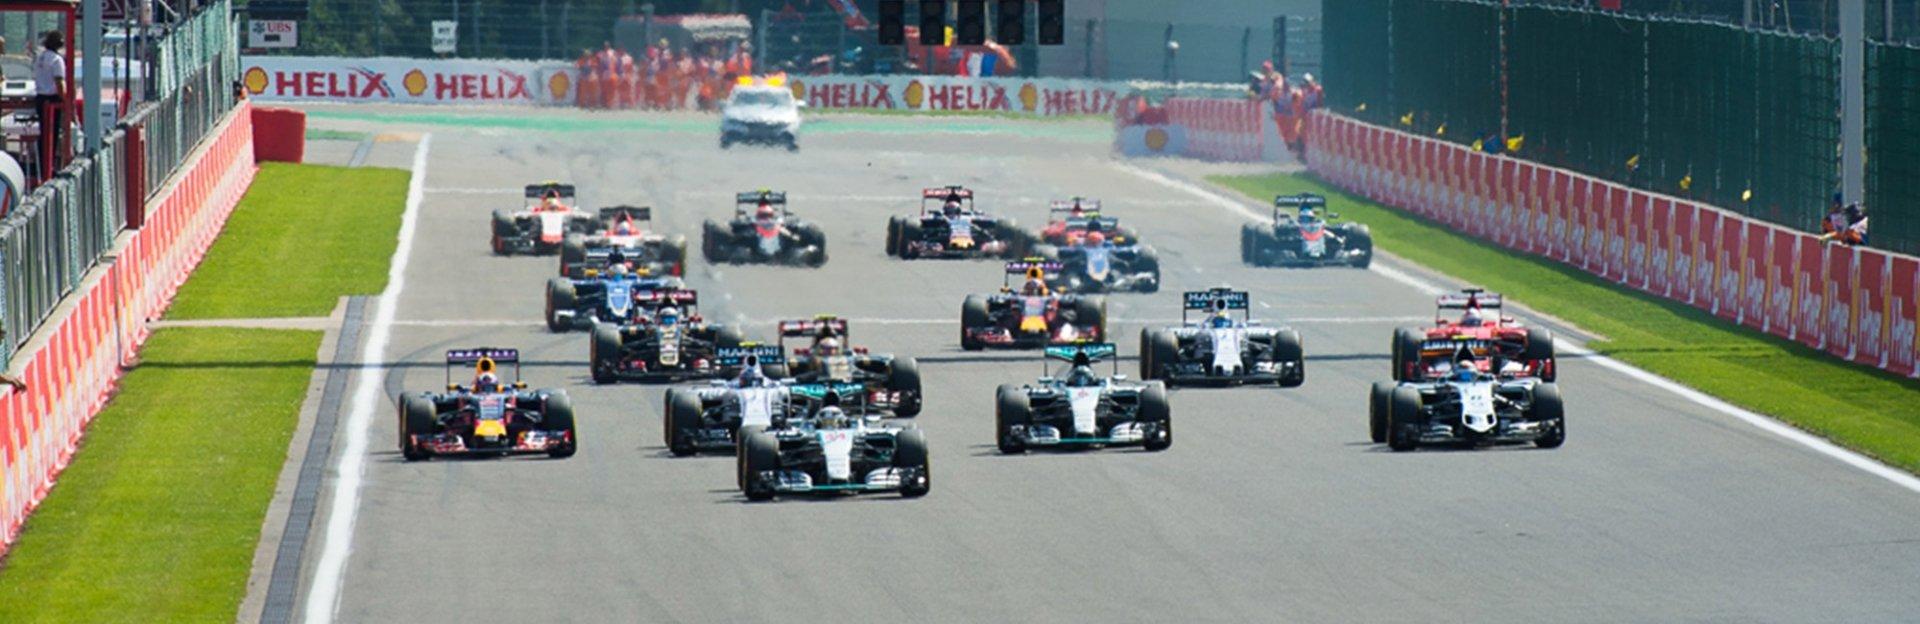 vip Formule 1 - 2017 - Francorchamp België